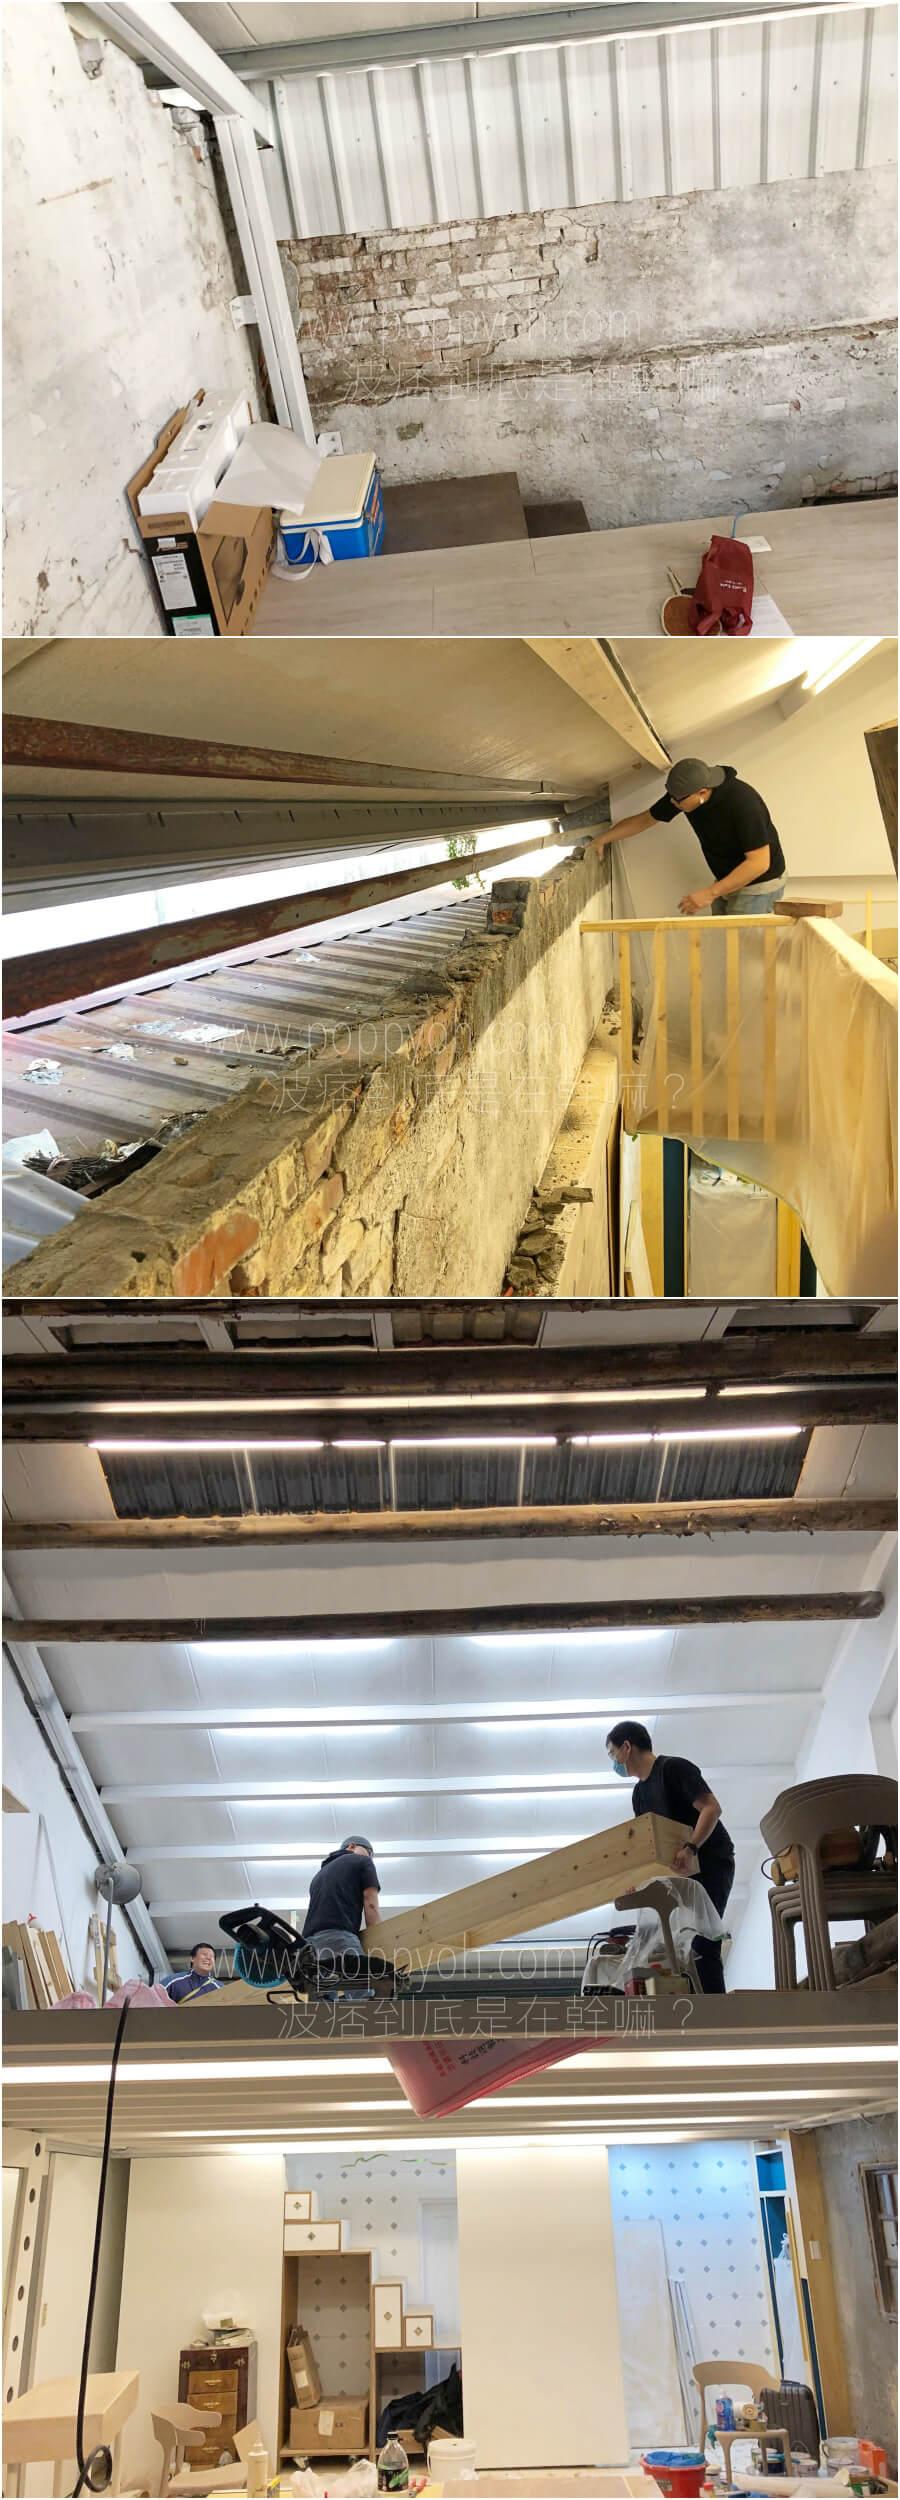 居家改造 窗戶 窗台 採光